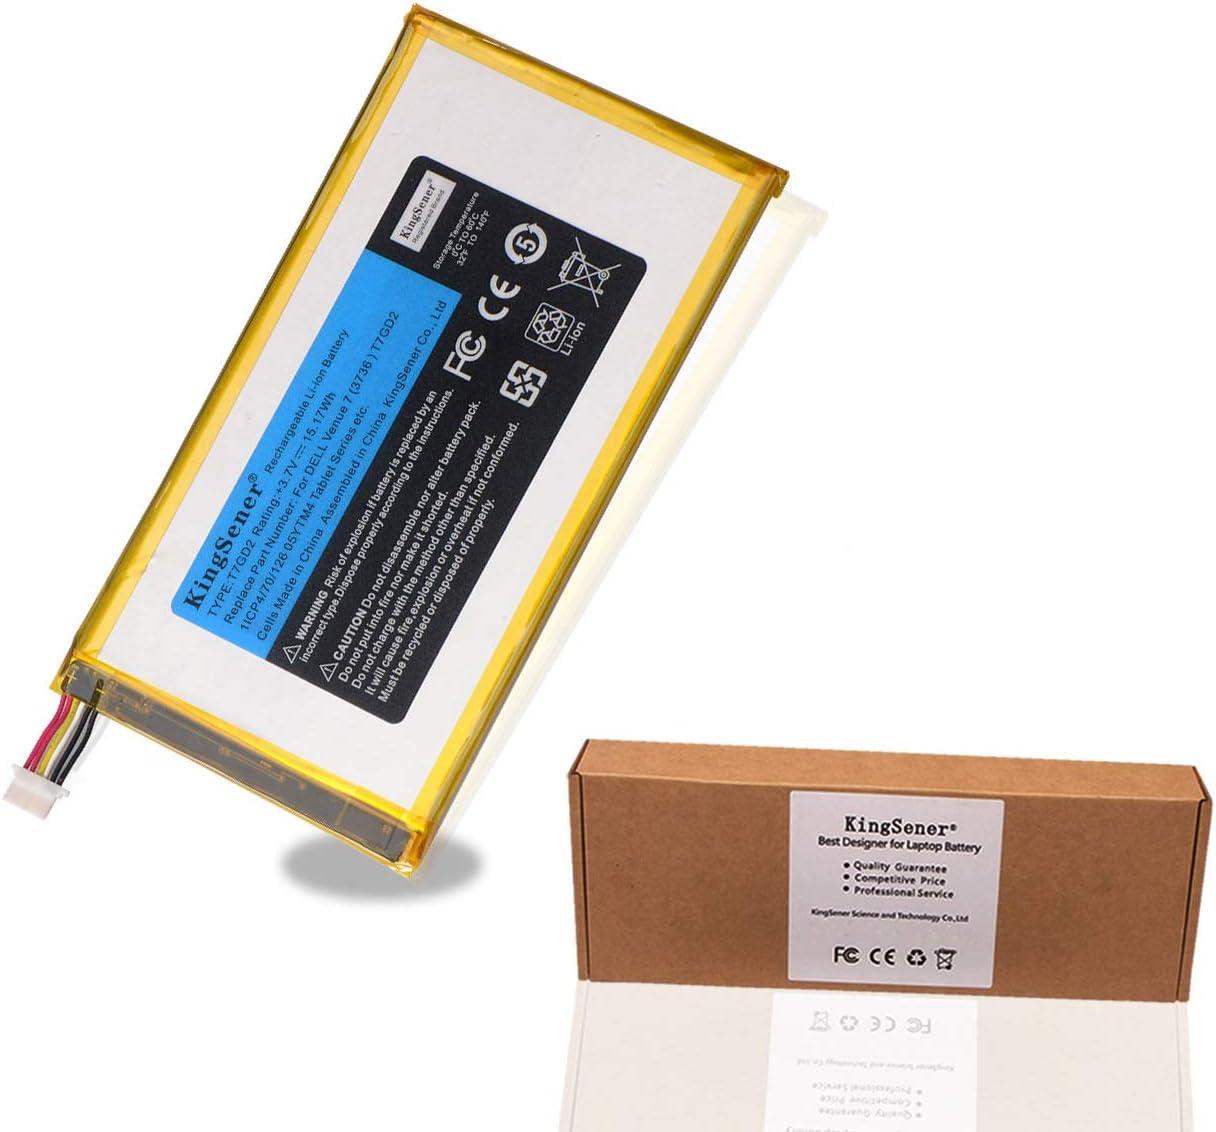 KingSener T7GD2 Tablet Battery for DELL Venue 7 3736 T7GD2 05YTM4 Tablet Batteries 3.7V 15.17WH